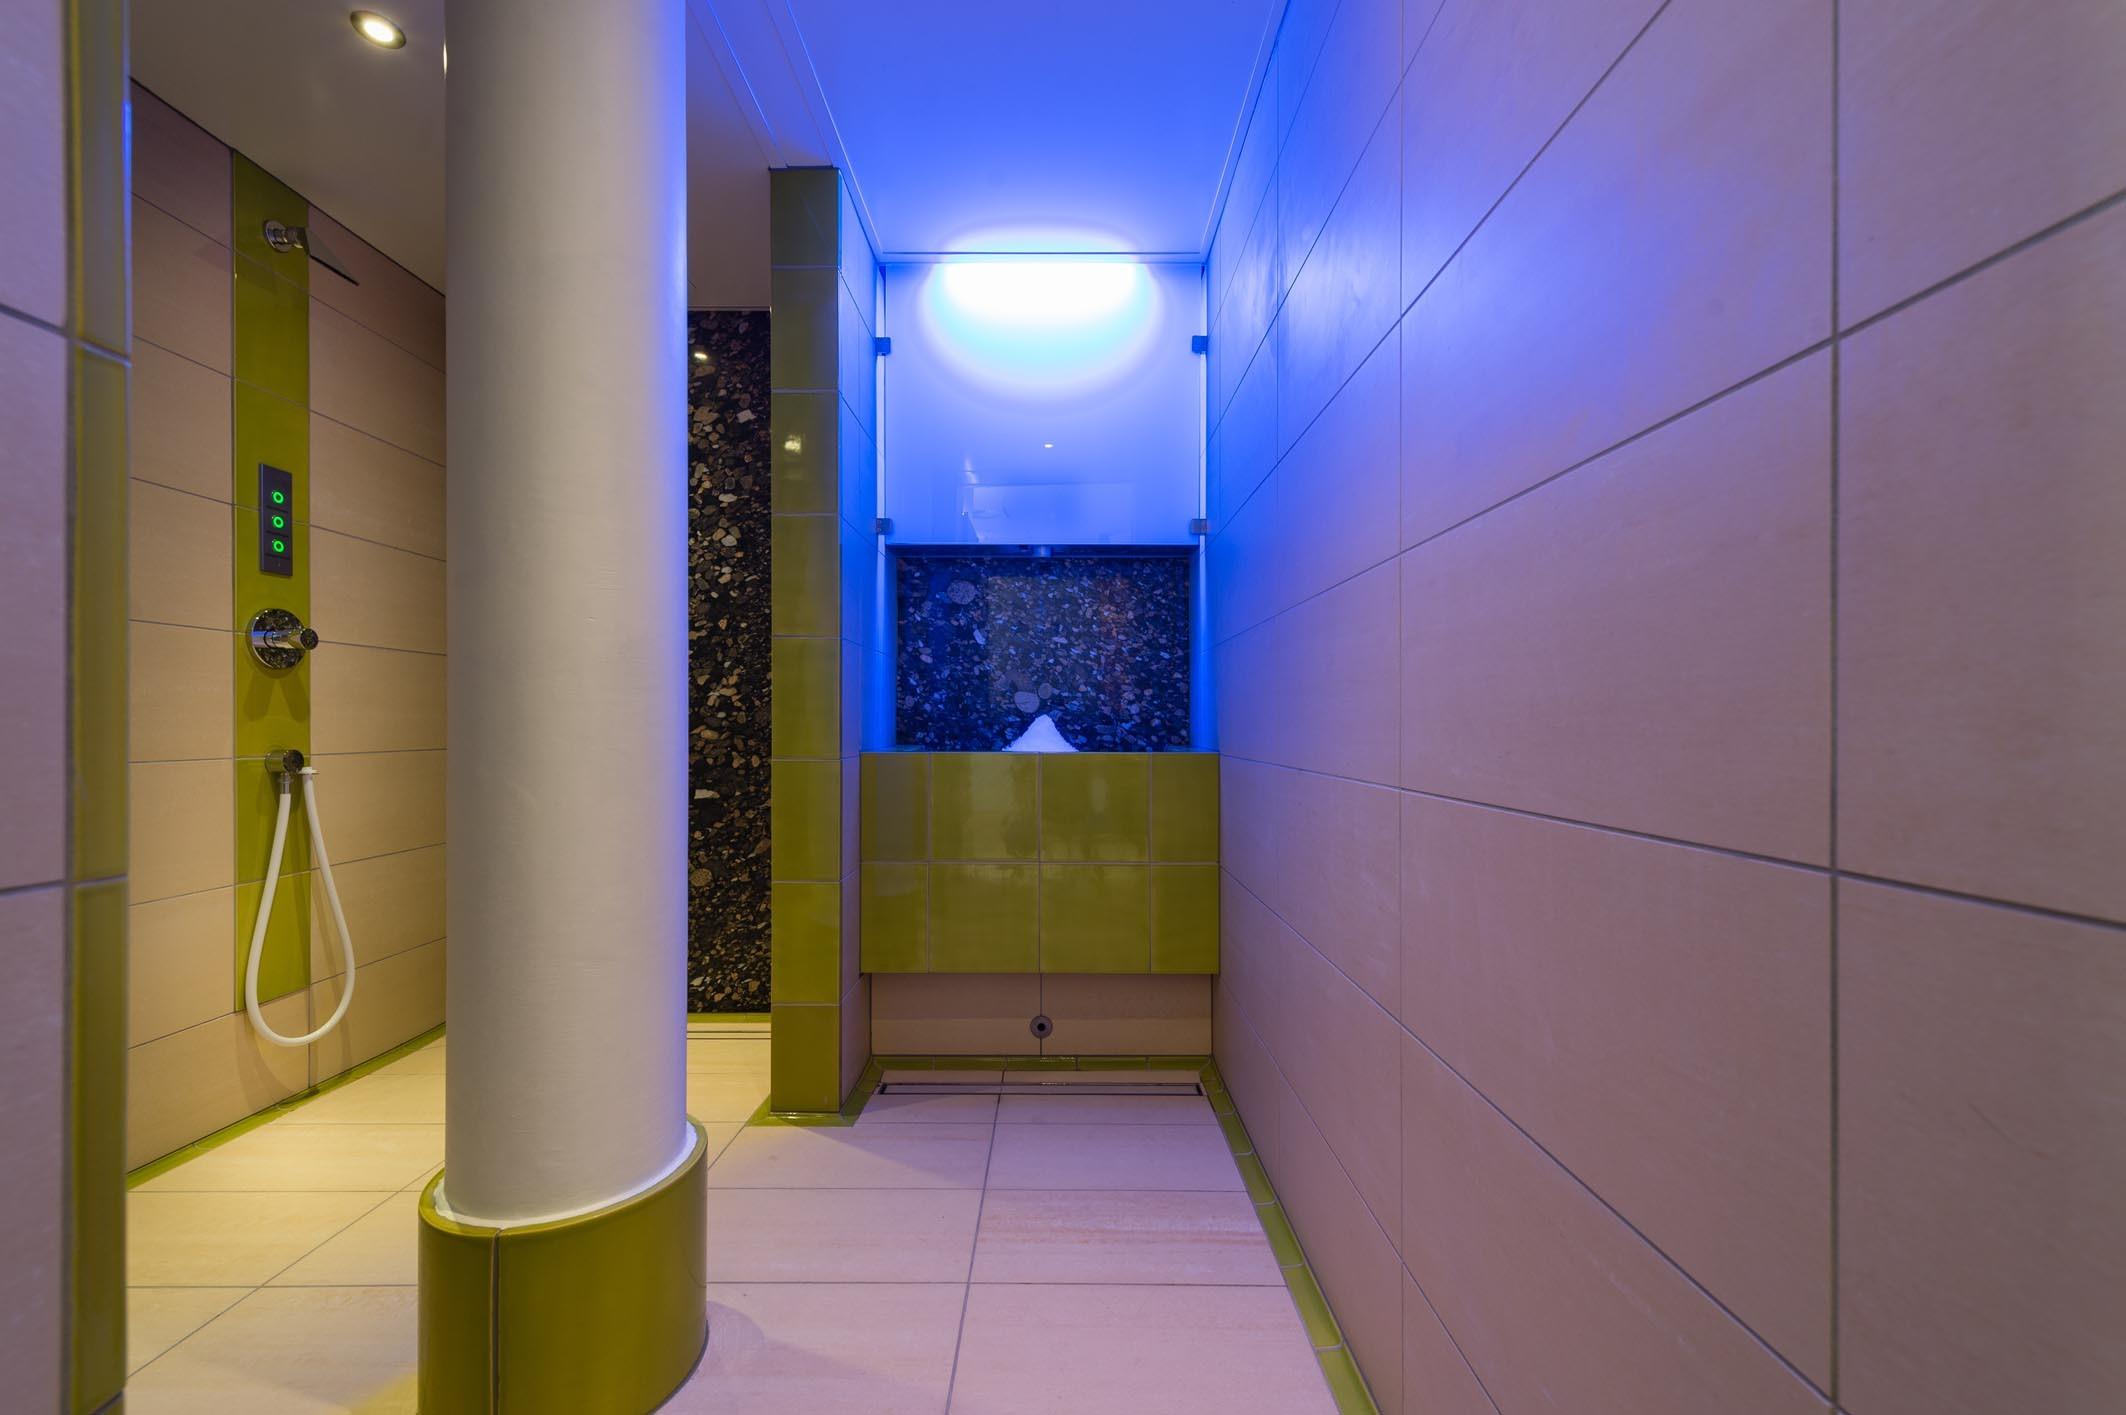 Spa Und Wellness Zentren Kreative Architektur: Zuhause